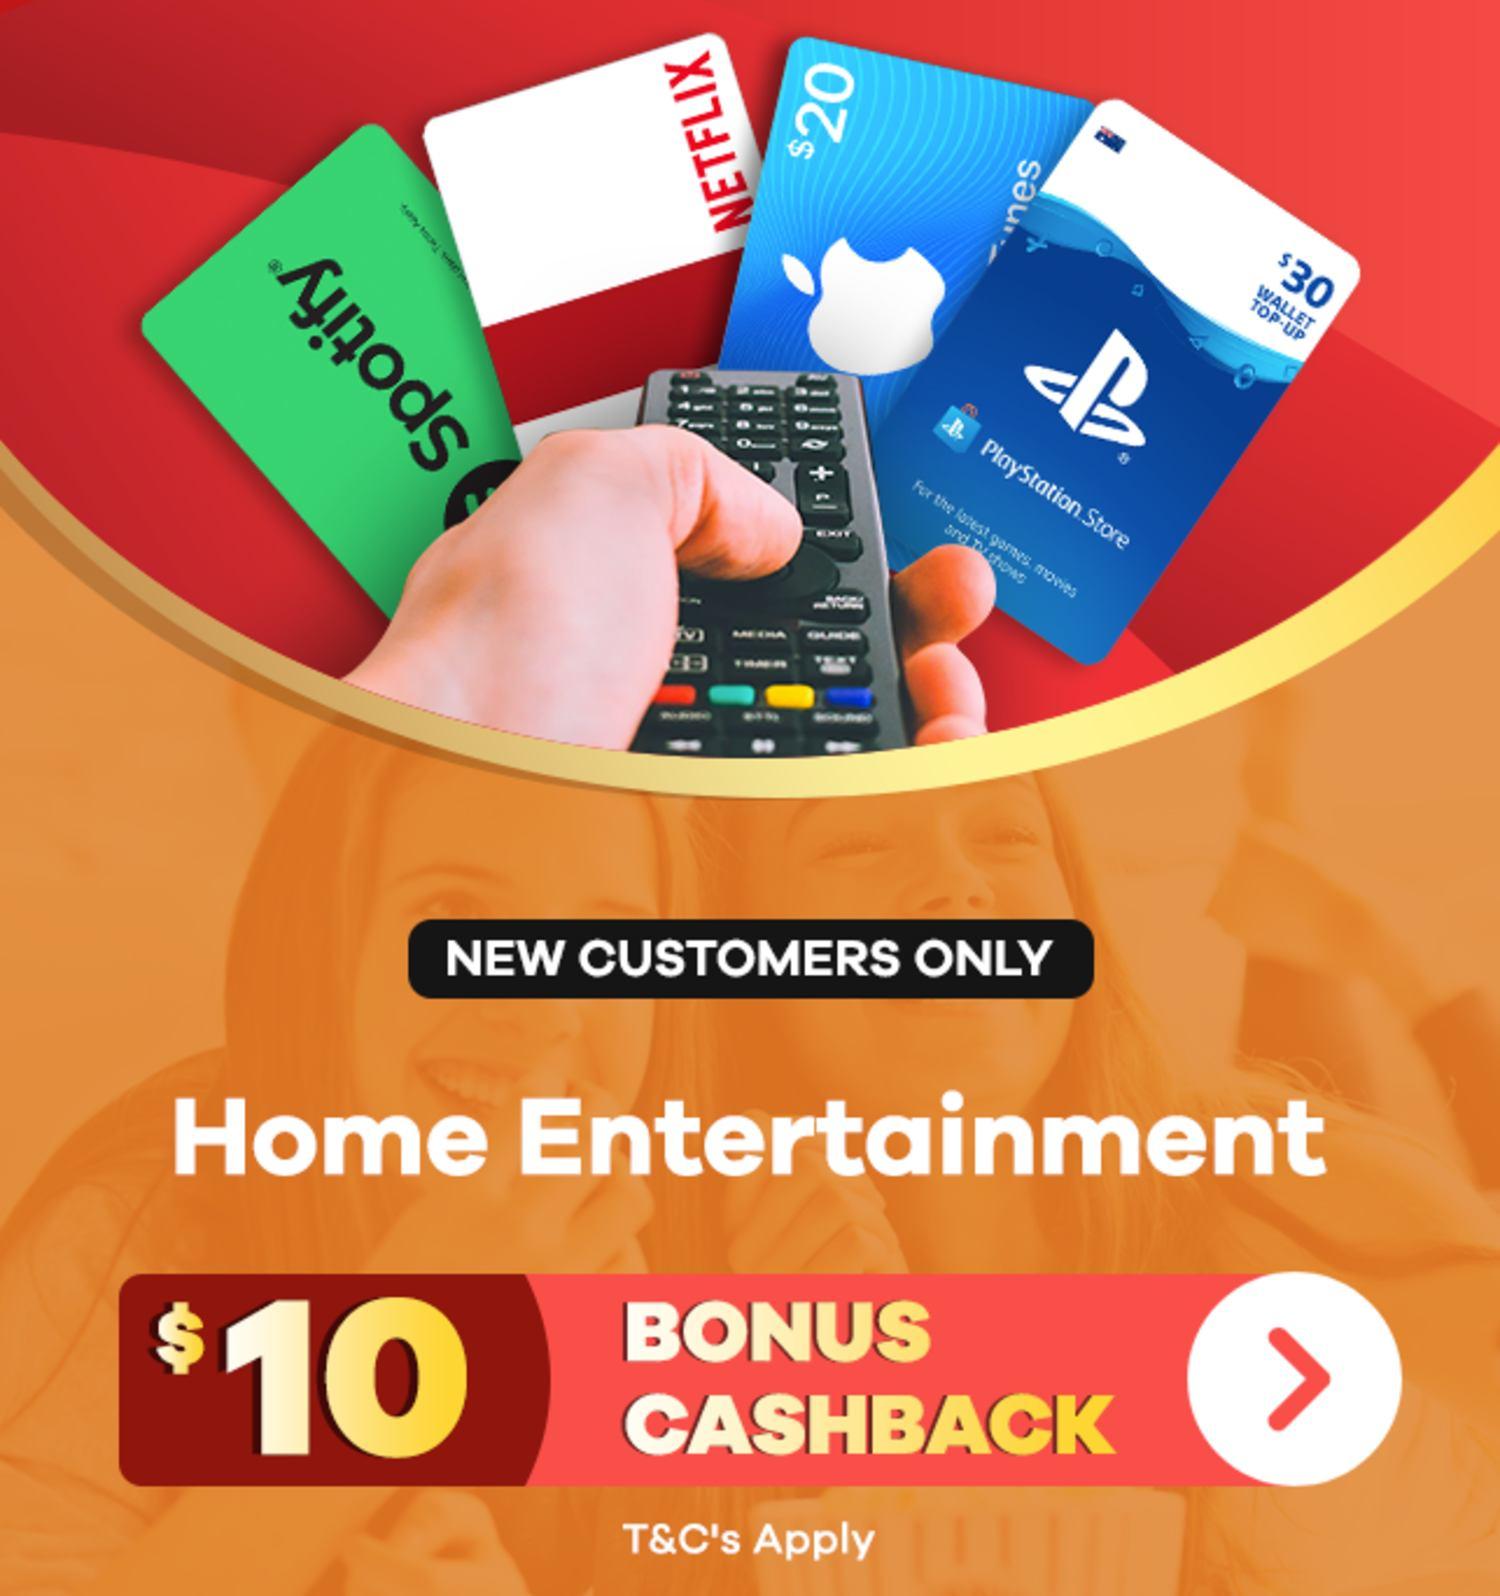 ShopBack   New Customer Offer   $10 Bonus Cashback on Home Entertainment